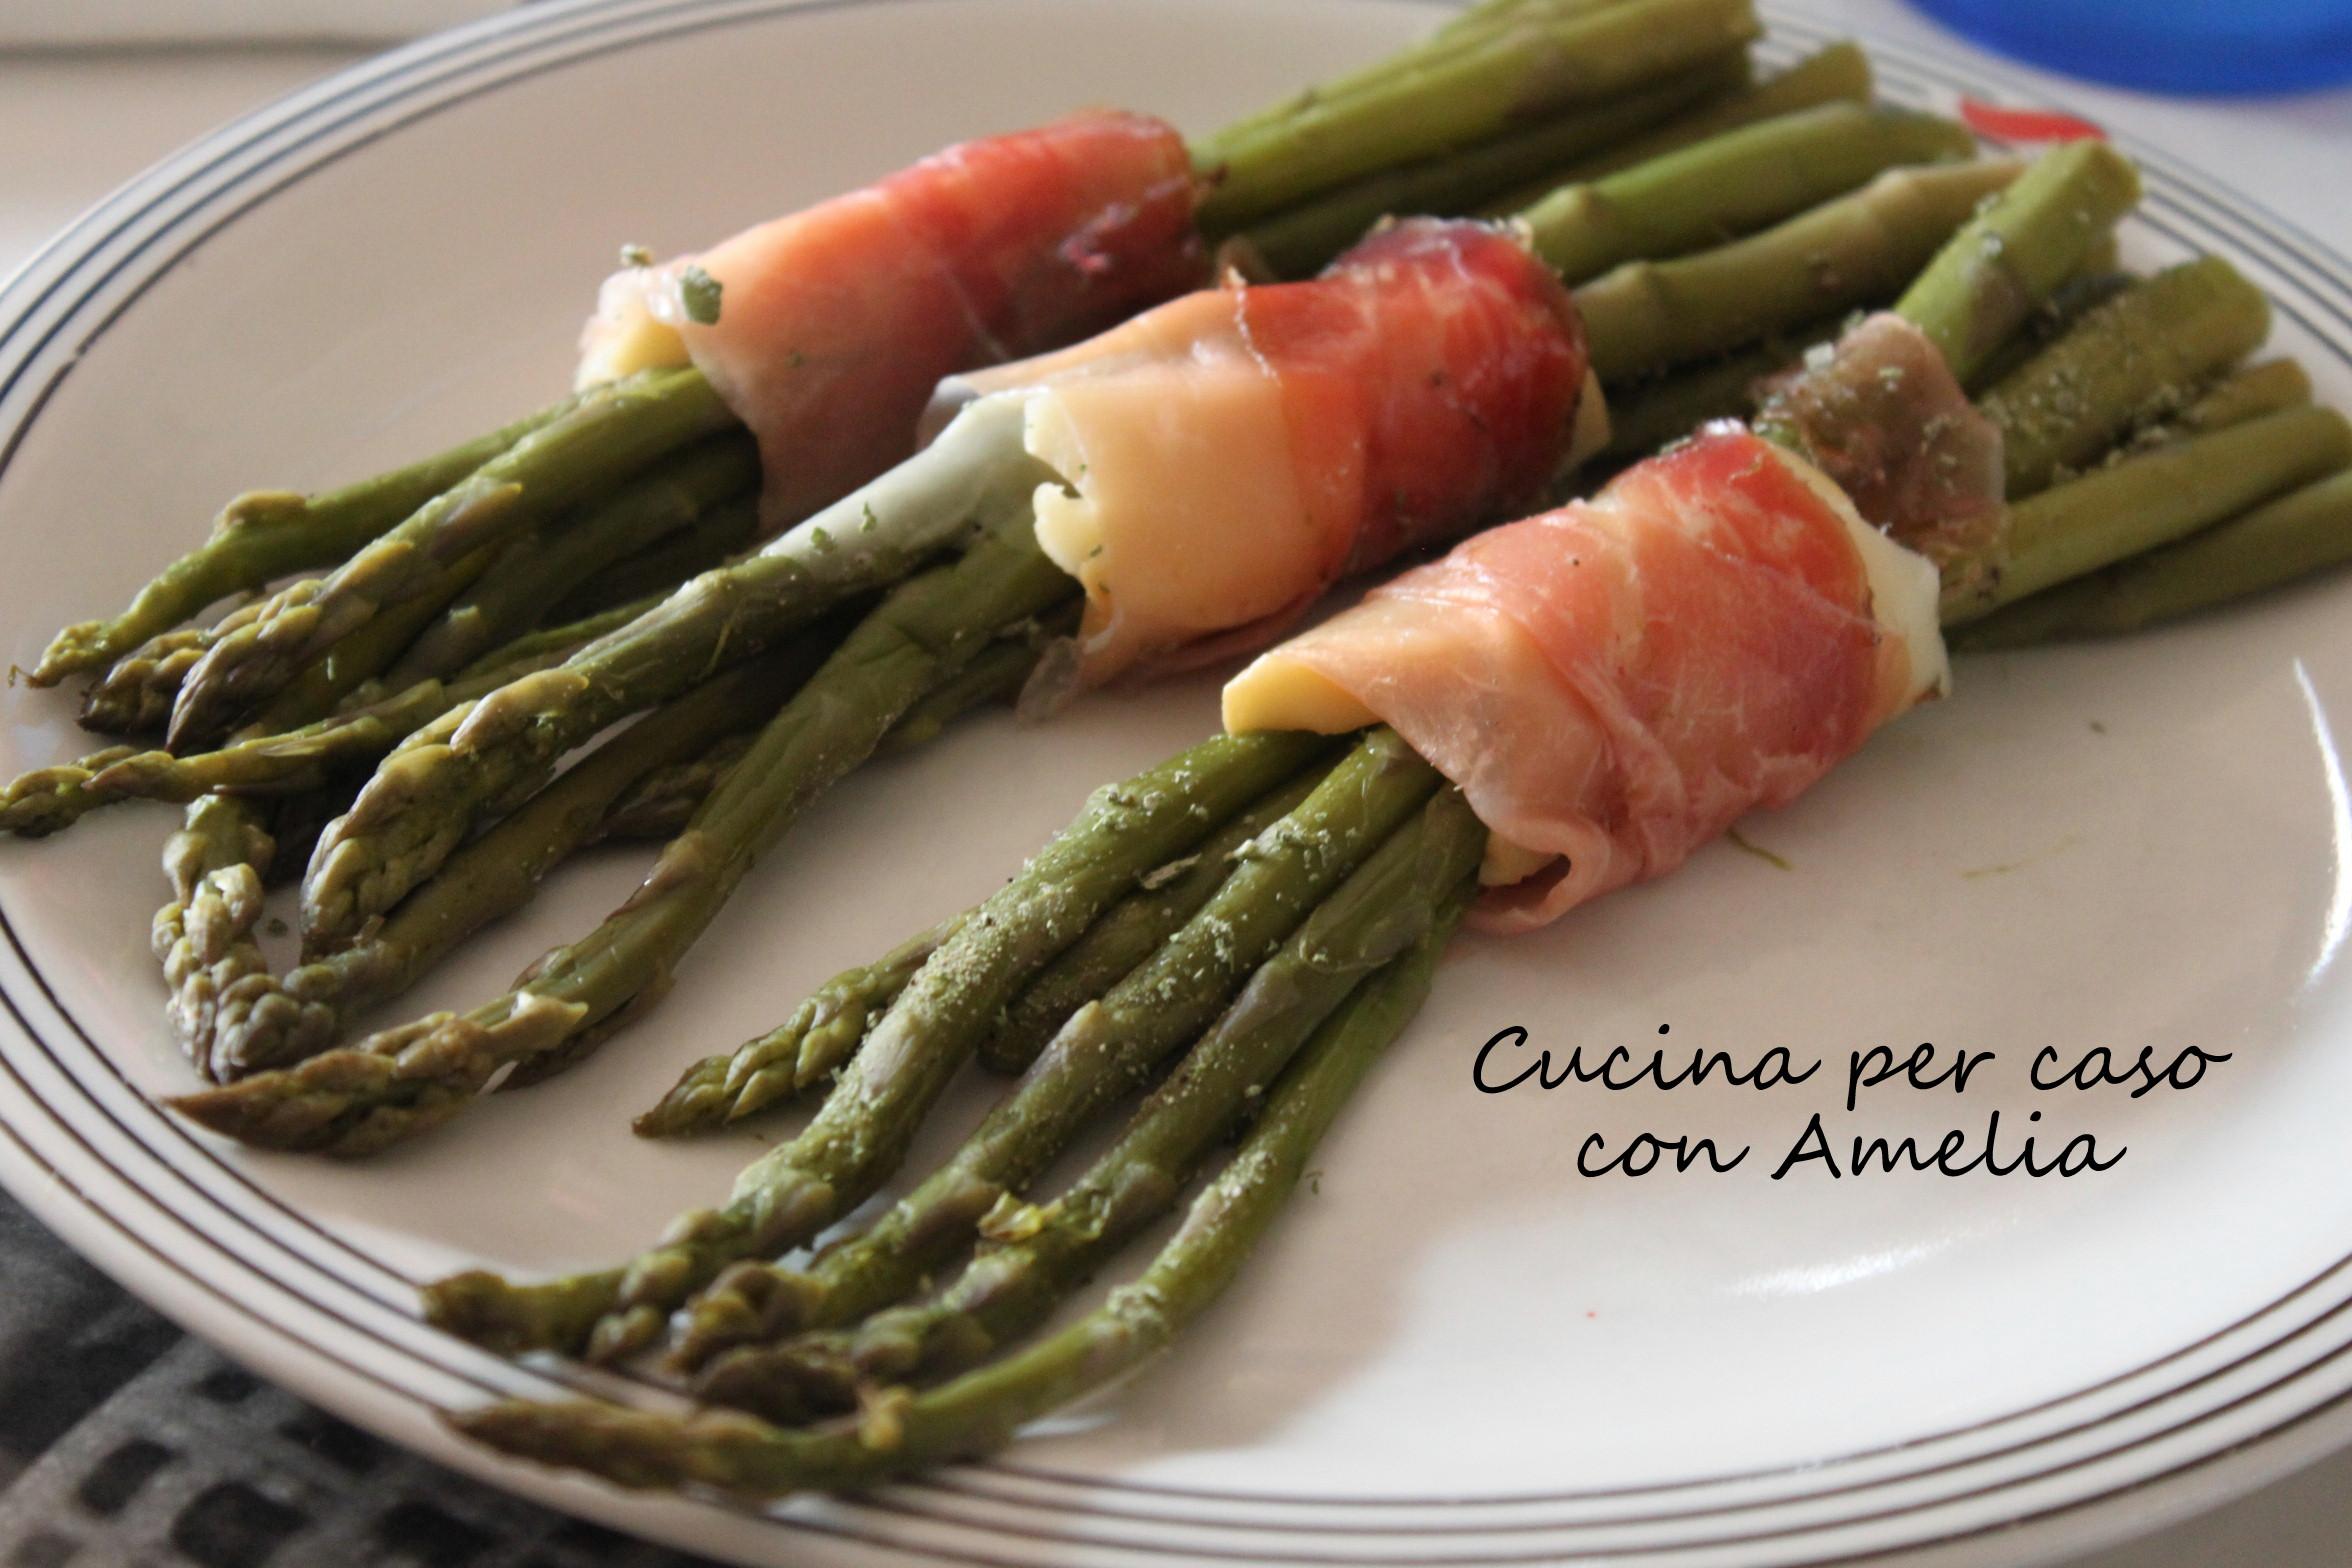 Asparagi con speck e scamorza ricetta cucina per caso for In cucina ricette